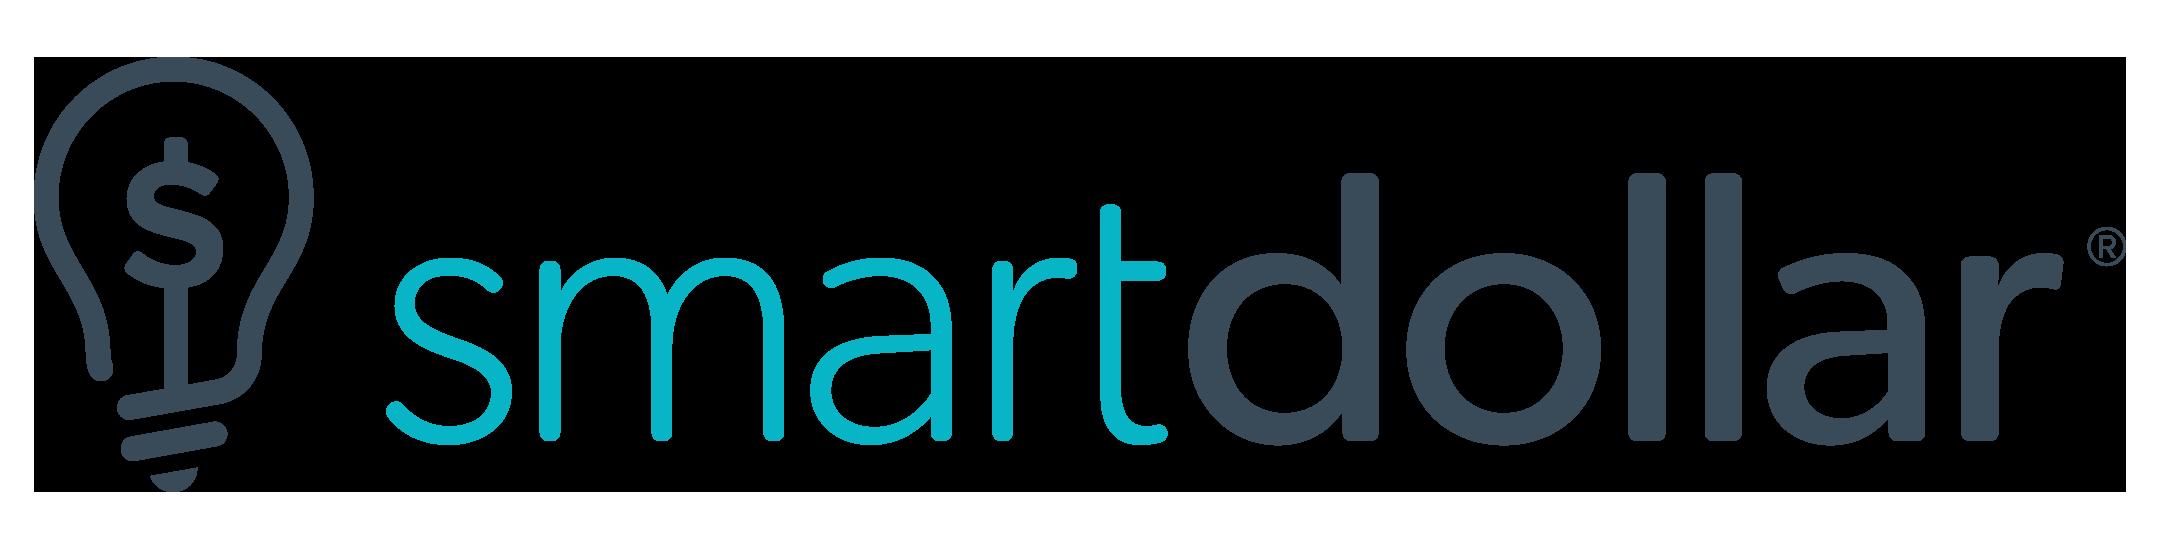 SmartDollar